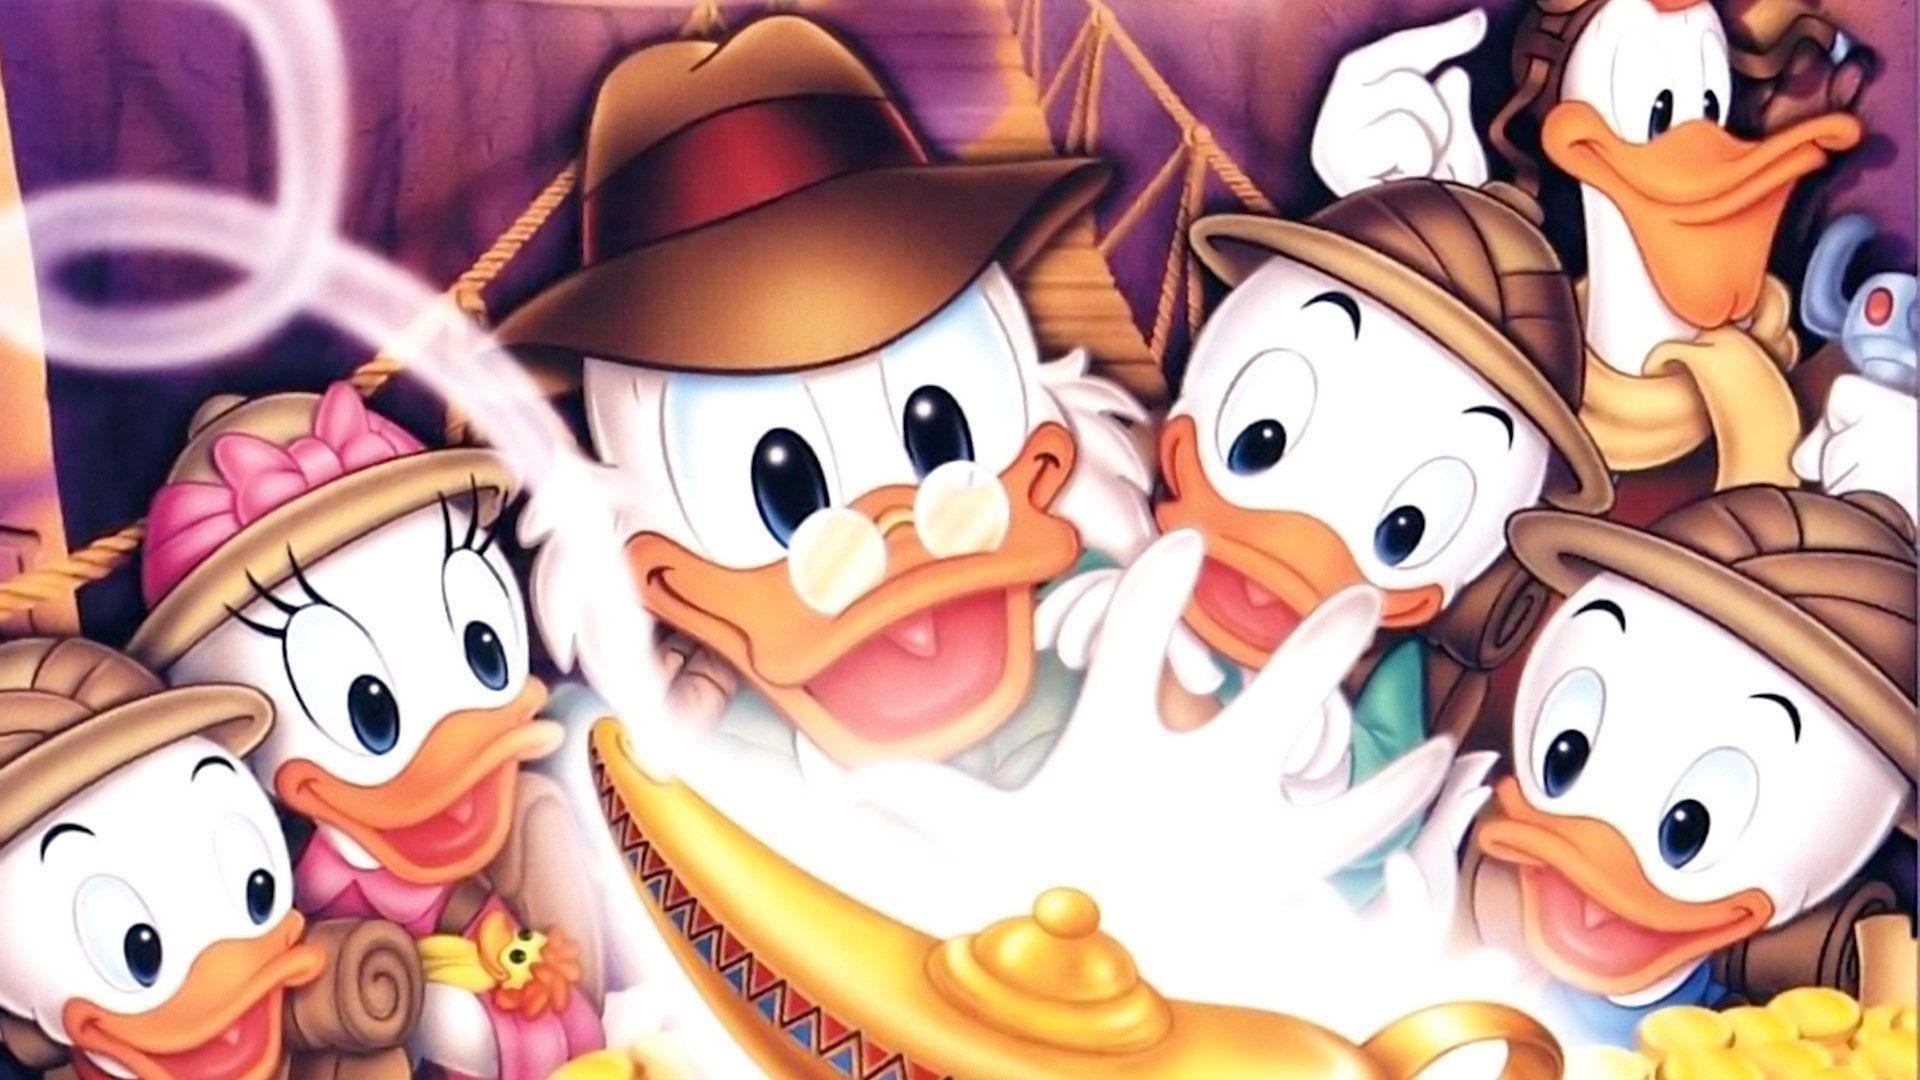 Res: 1920x1080, DuckTales Poster - Uncle Scrooge McDuck Wallpaper (36806867) - Fanpop